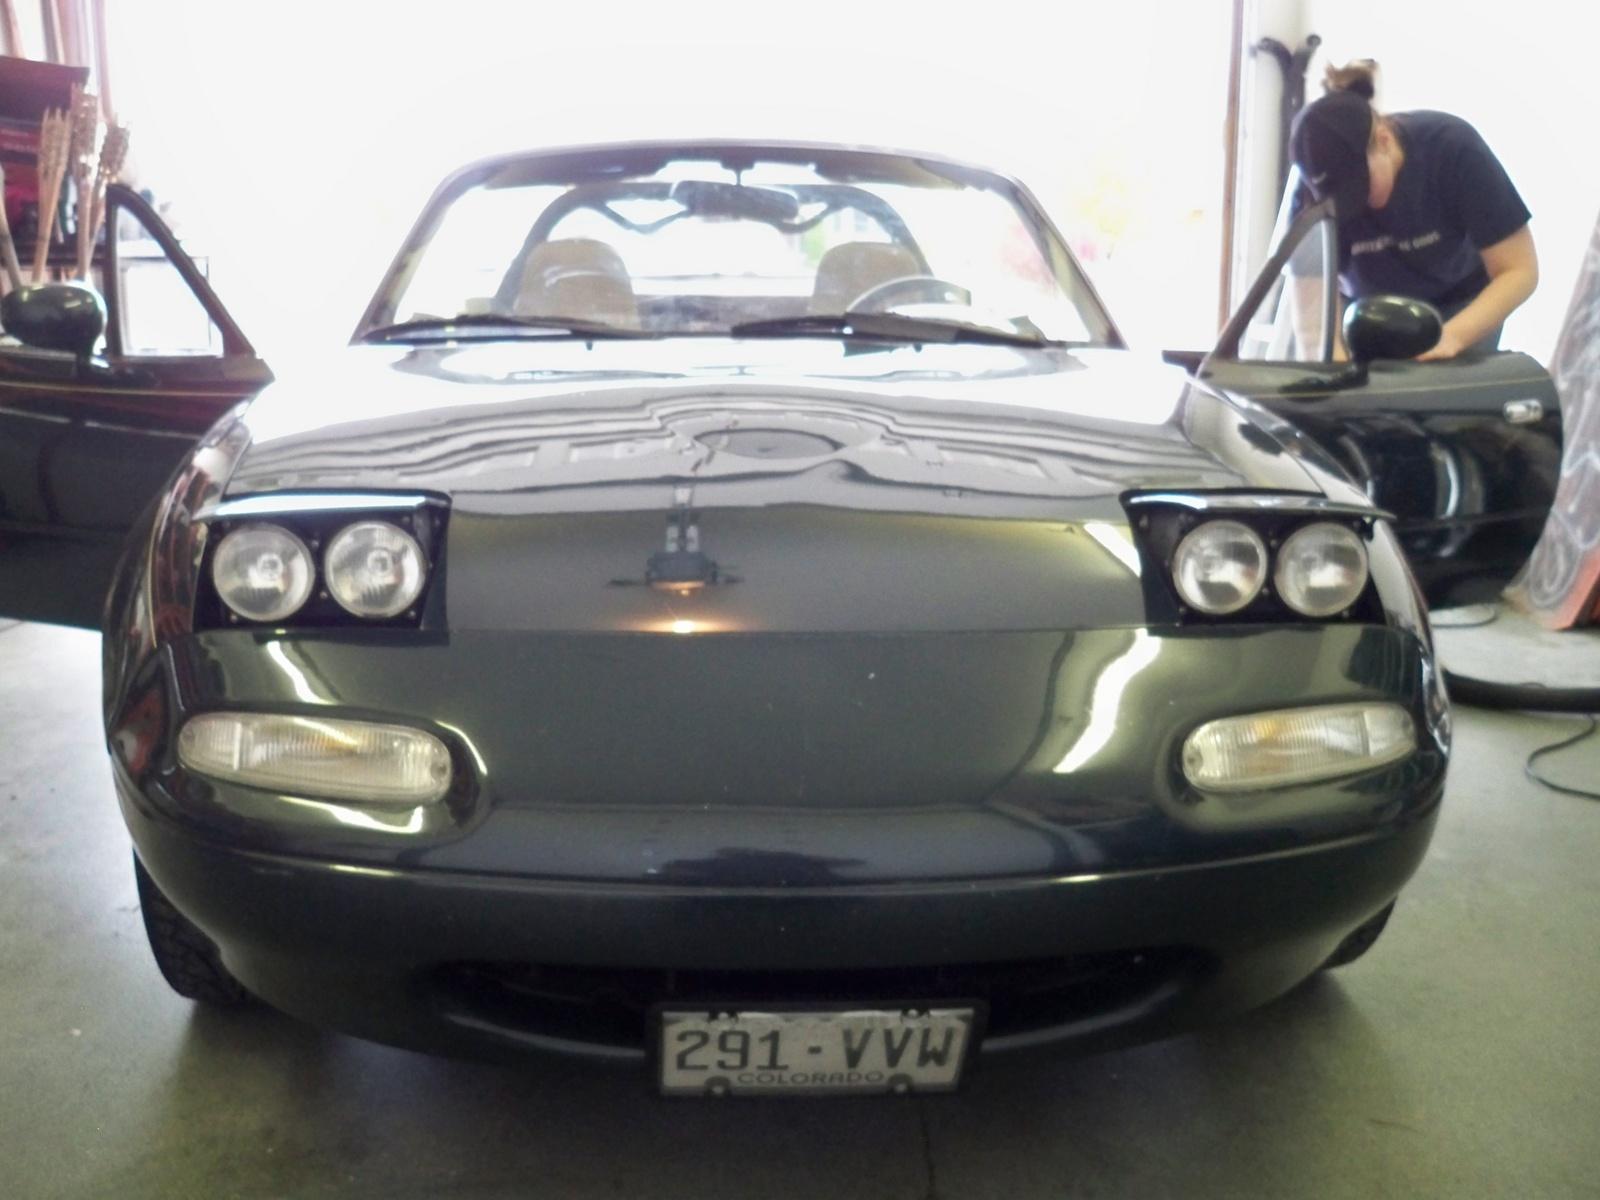 Picture of 1991 Mazda MX-5 Miata